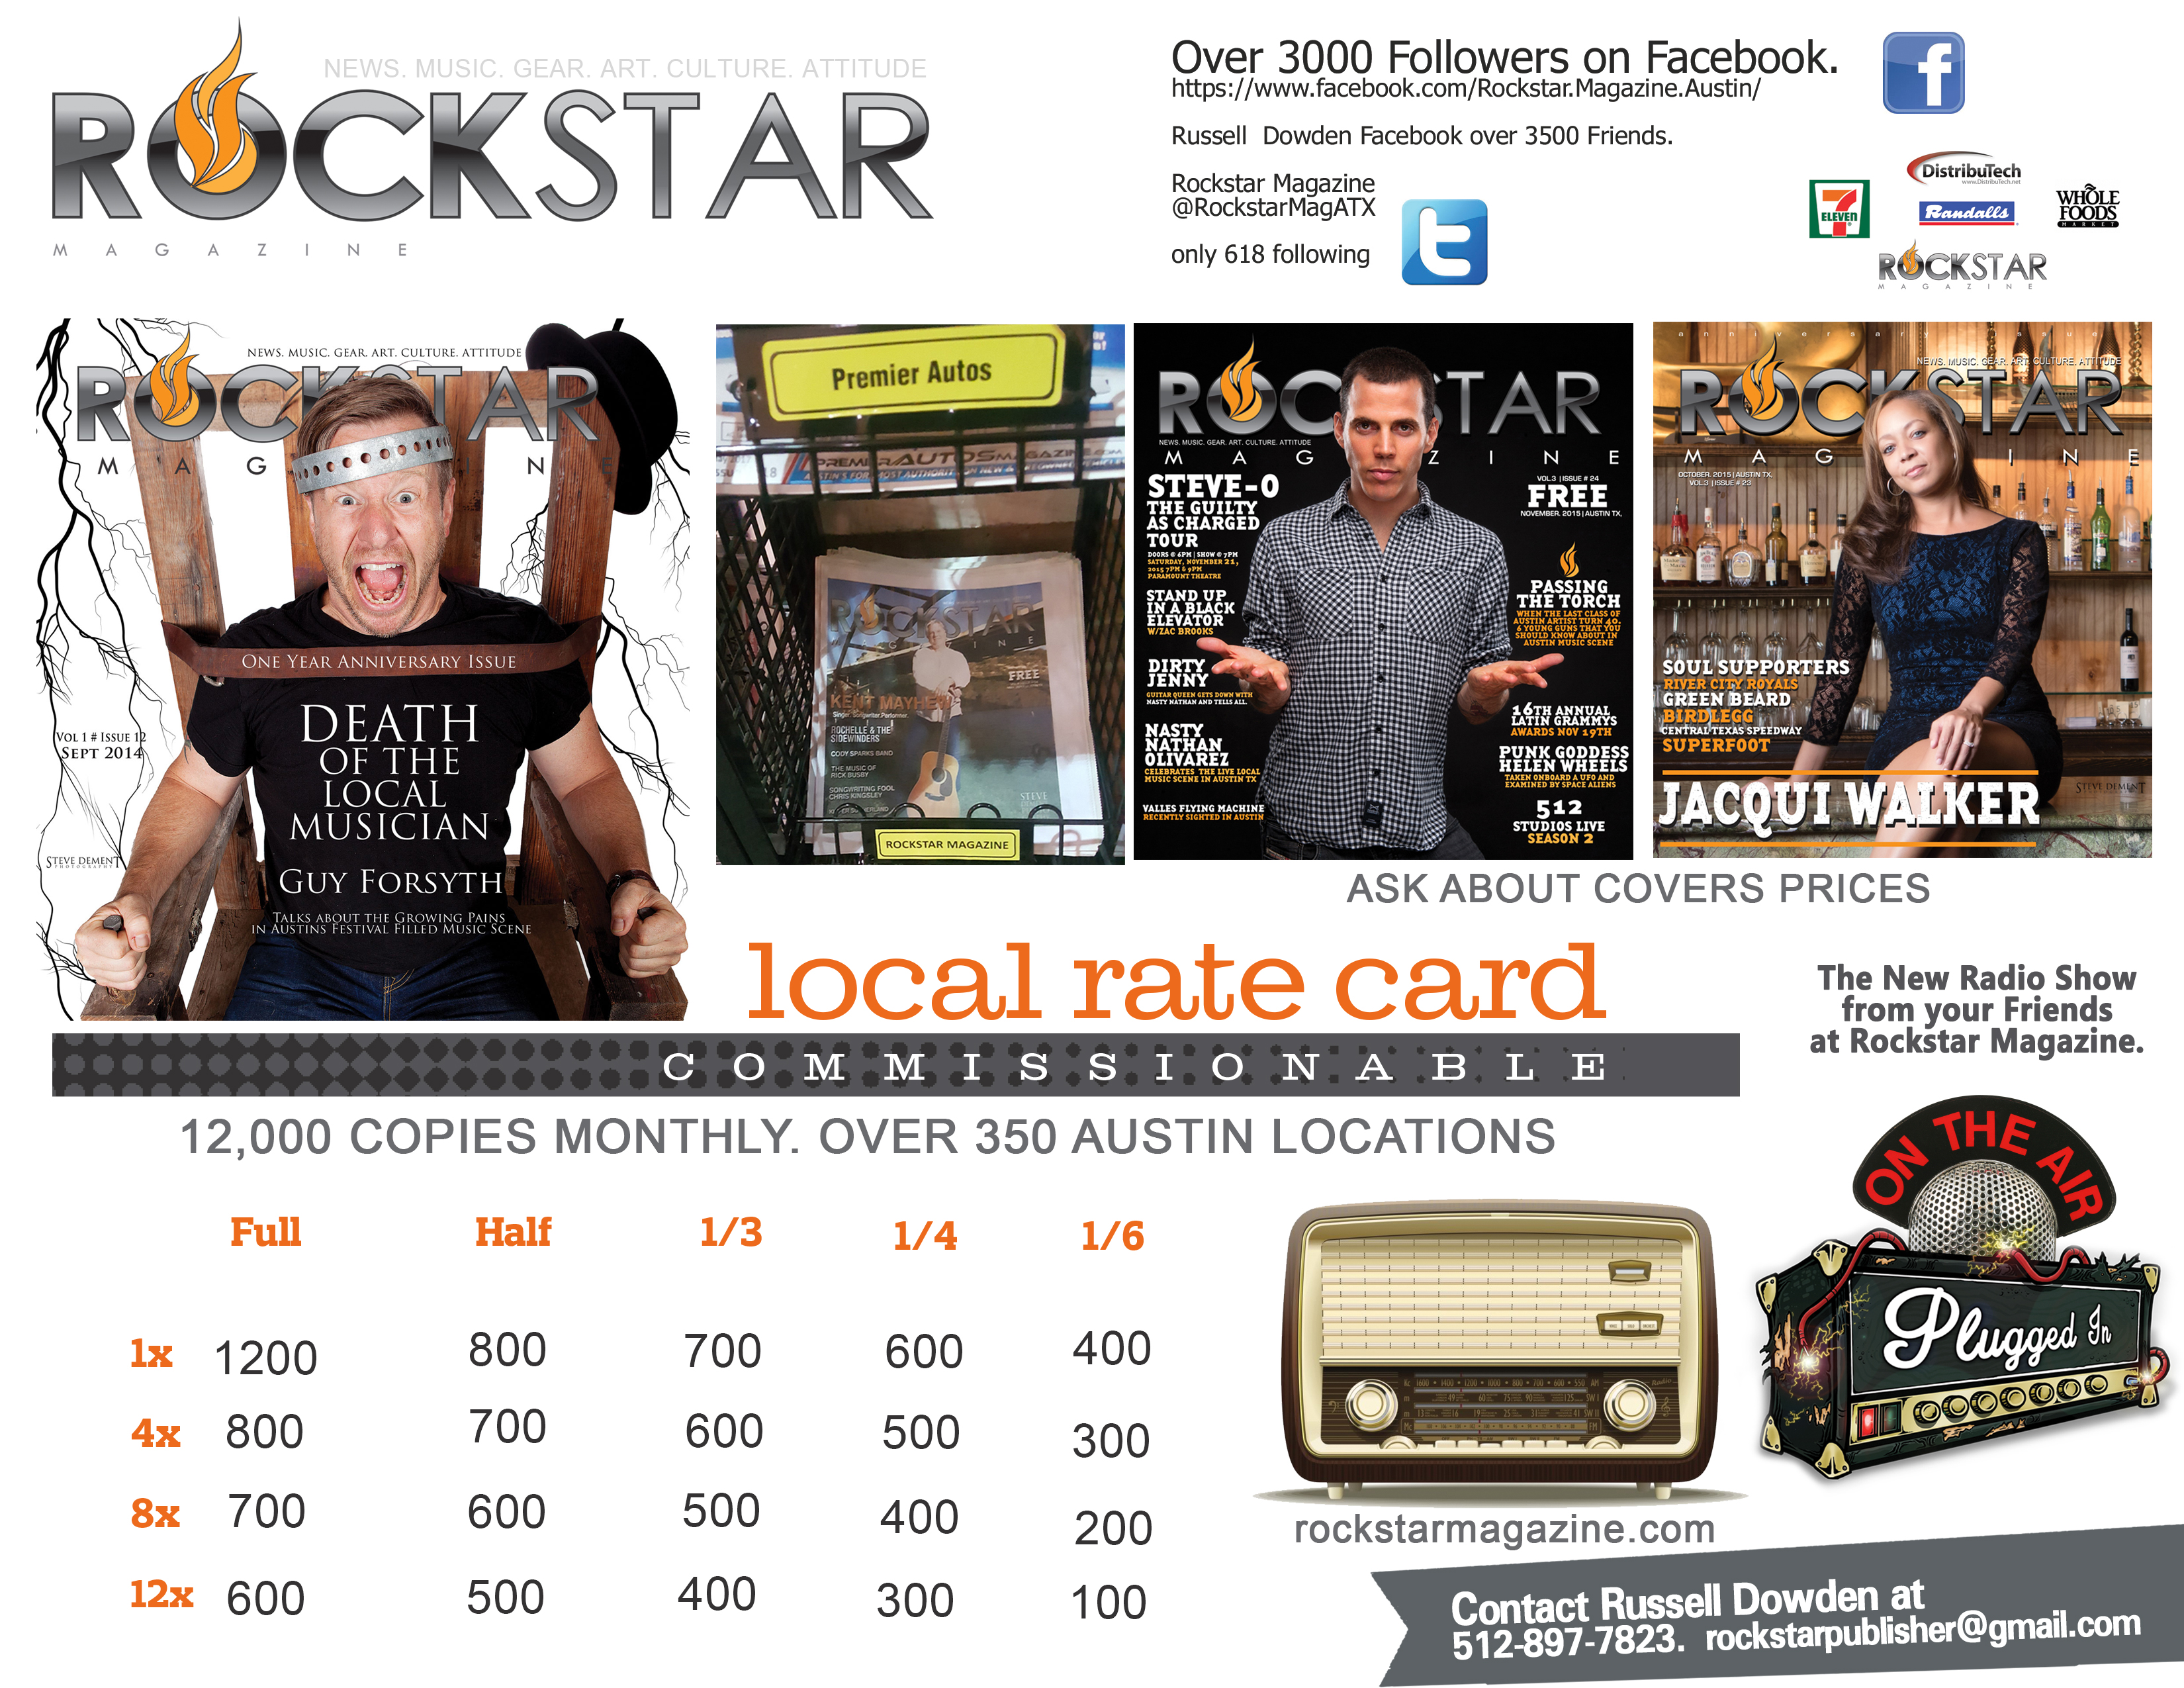 RATE-CARD-ROCKSTAR-2017